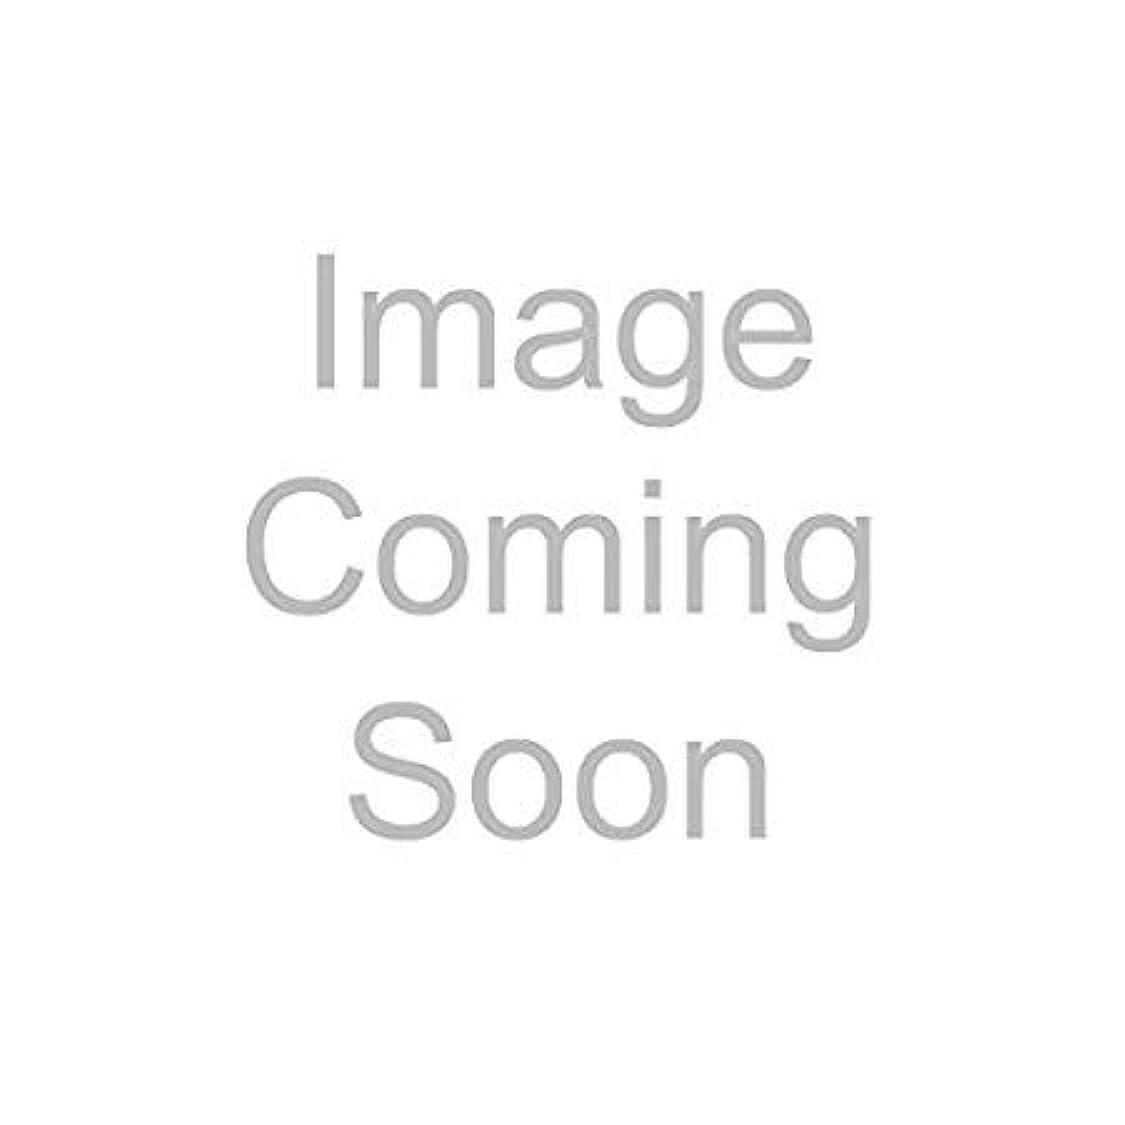 カバー否認する満足できるエスティローダー デイウェアアドバンスドマルチプロテクションアンチオキシダントクリームSPF15(ドライスキン用) 50ml/1.7oz